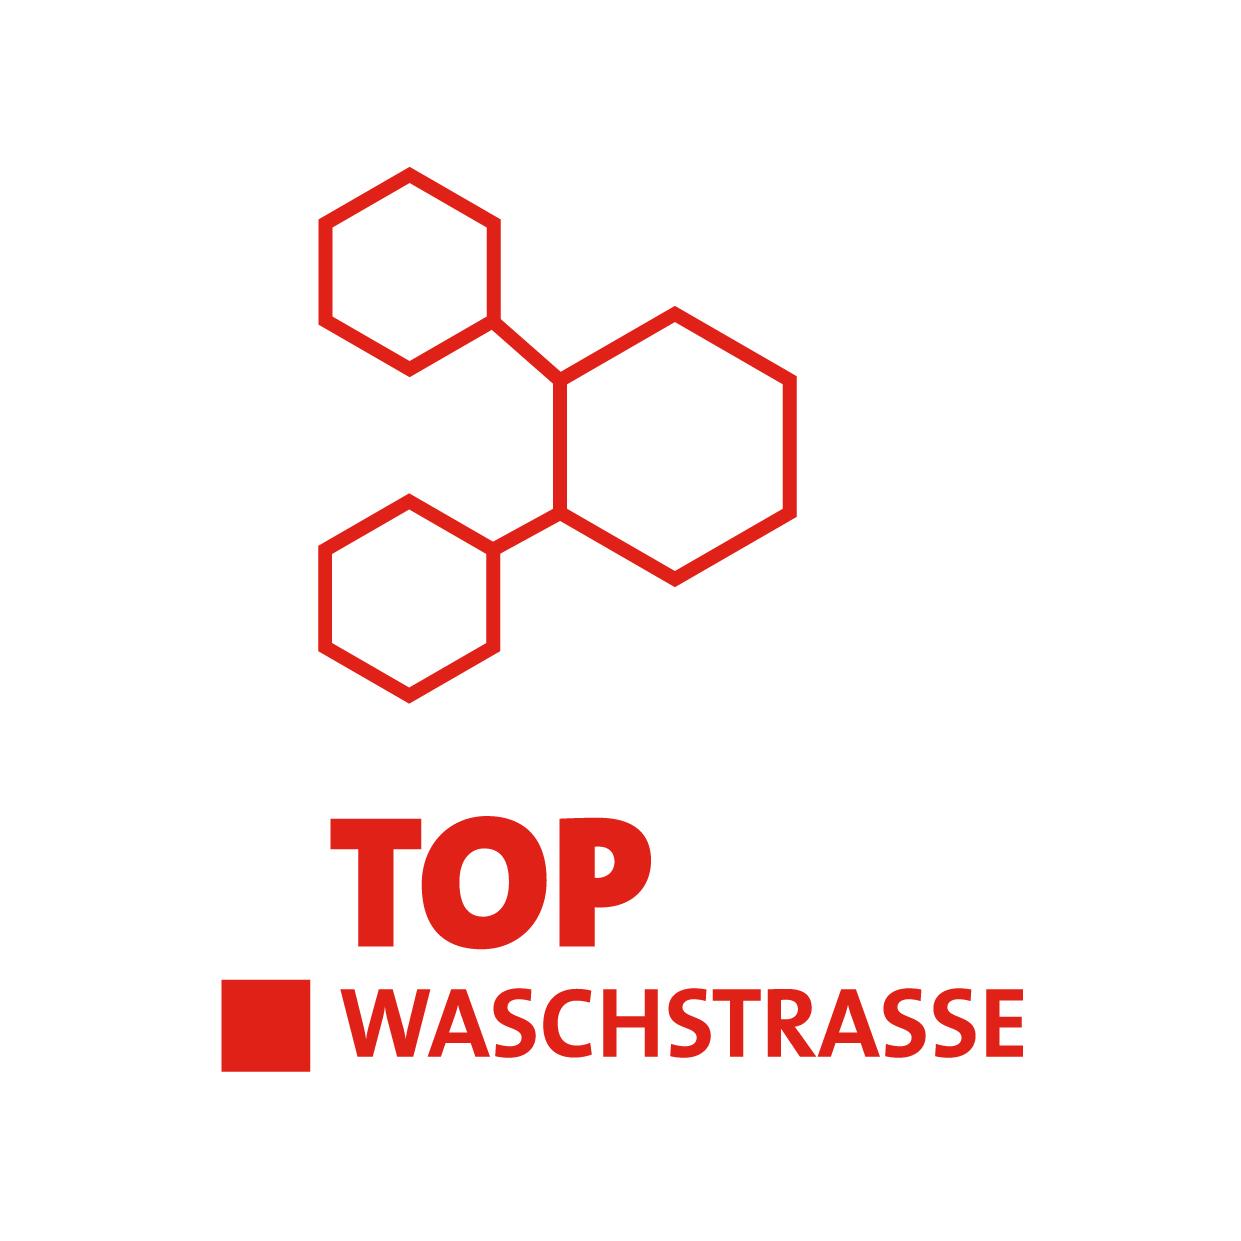 Logo_TopWaschstraße_Zeichenfläche 1.jpg